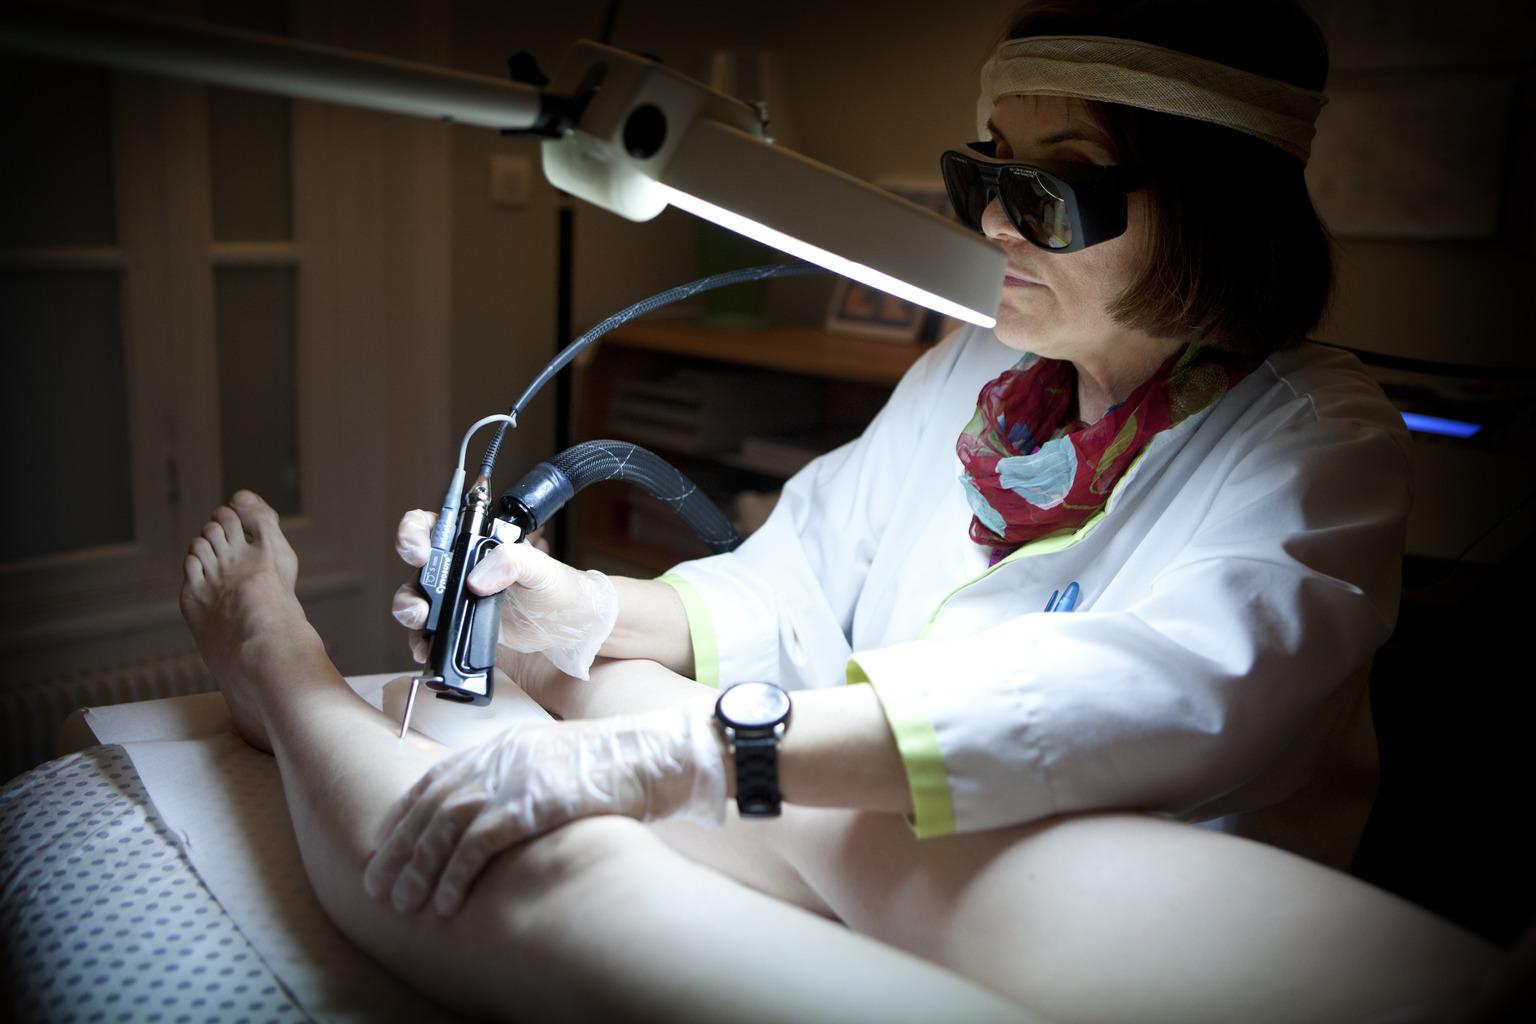 Seprűvénák lézeres kezelése. (Fotó: AFP)